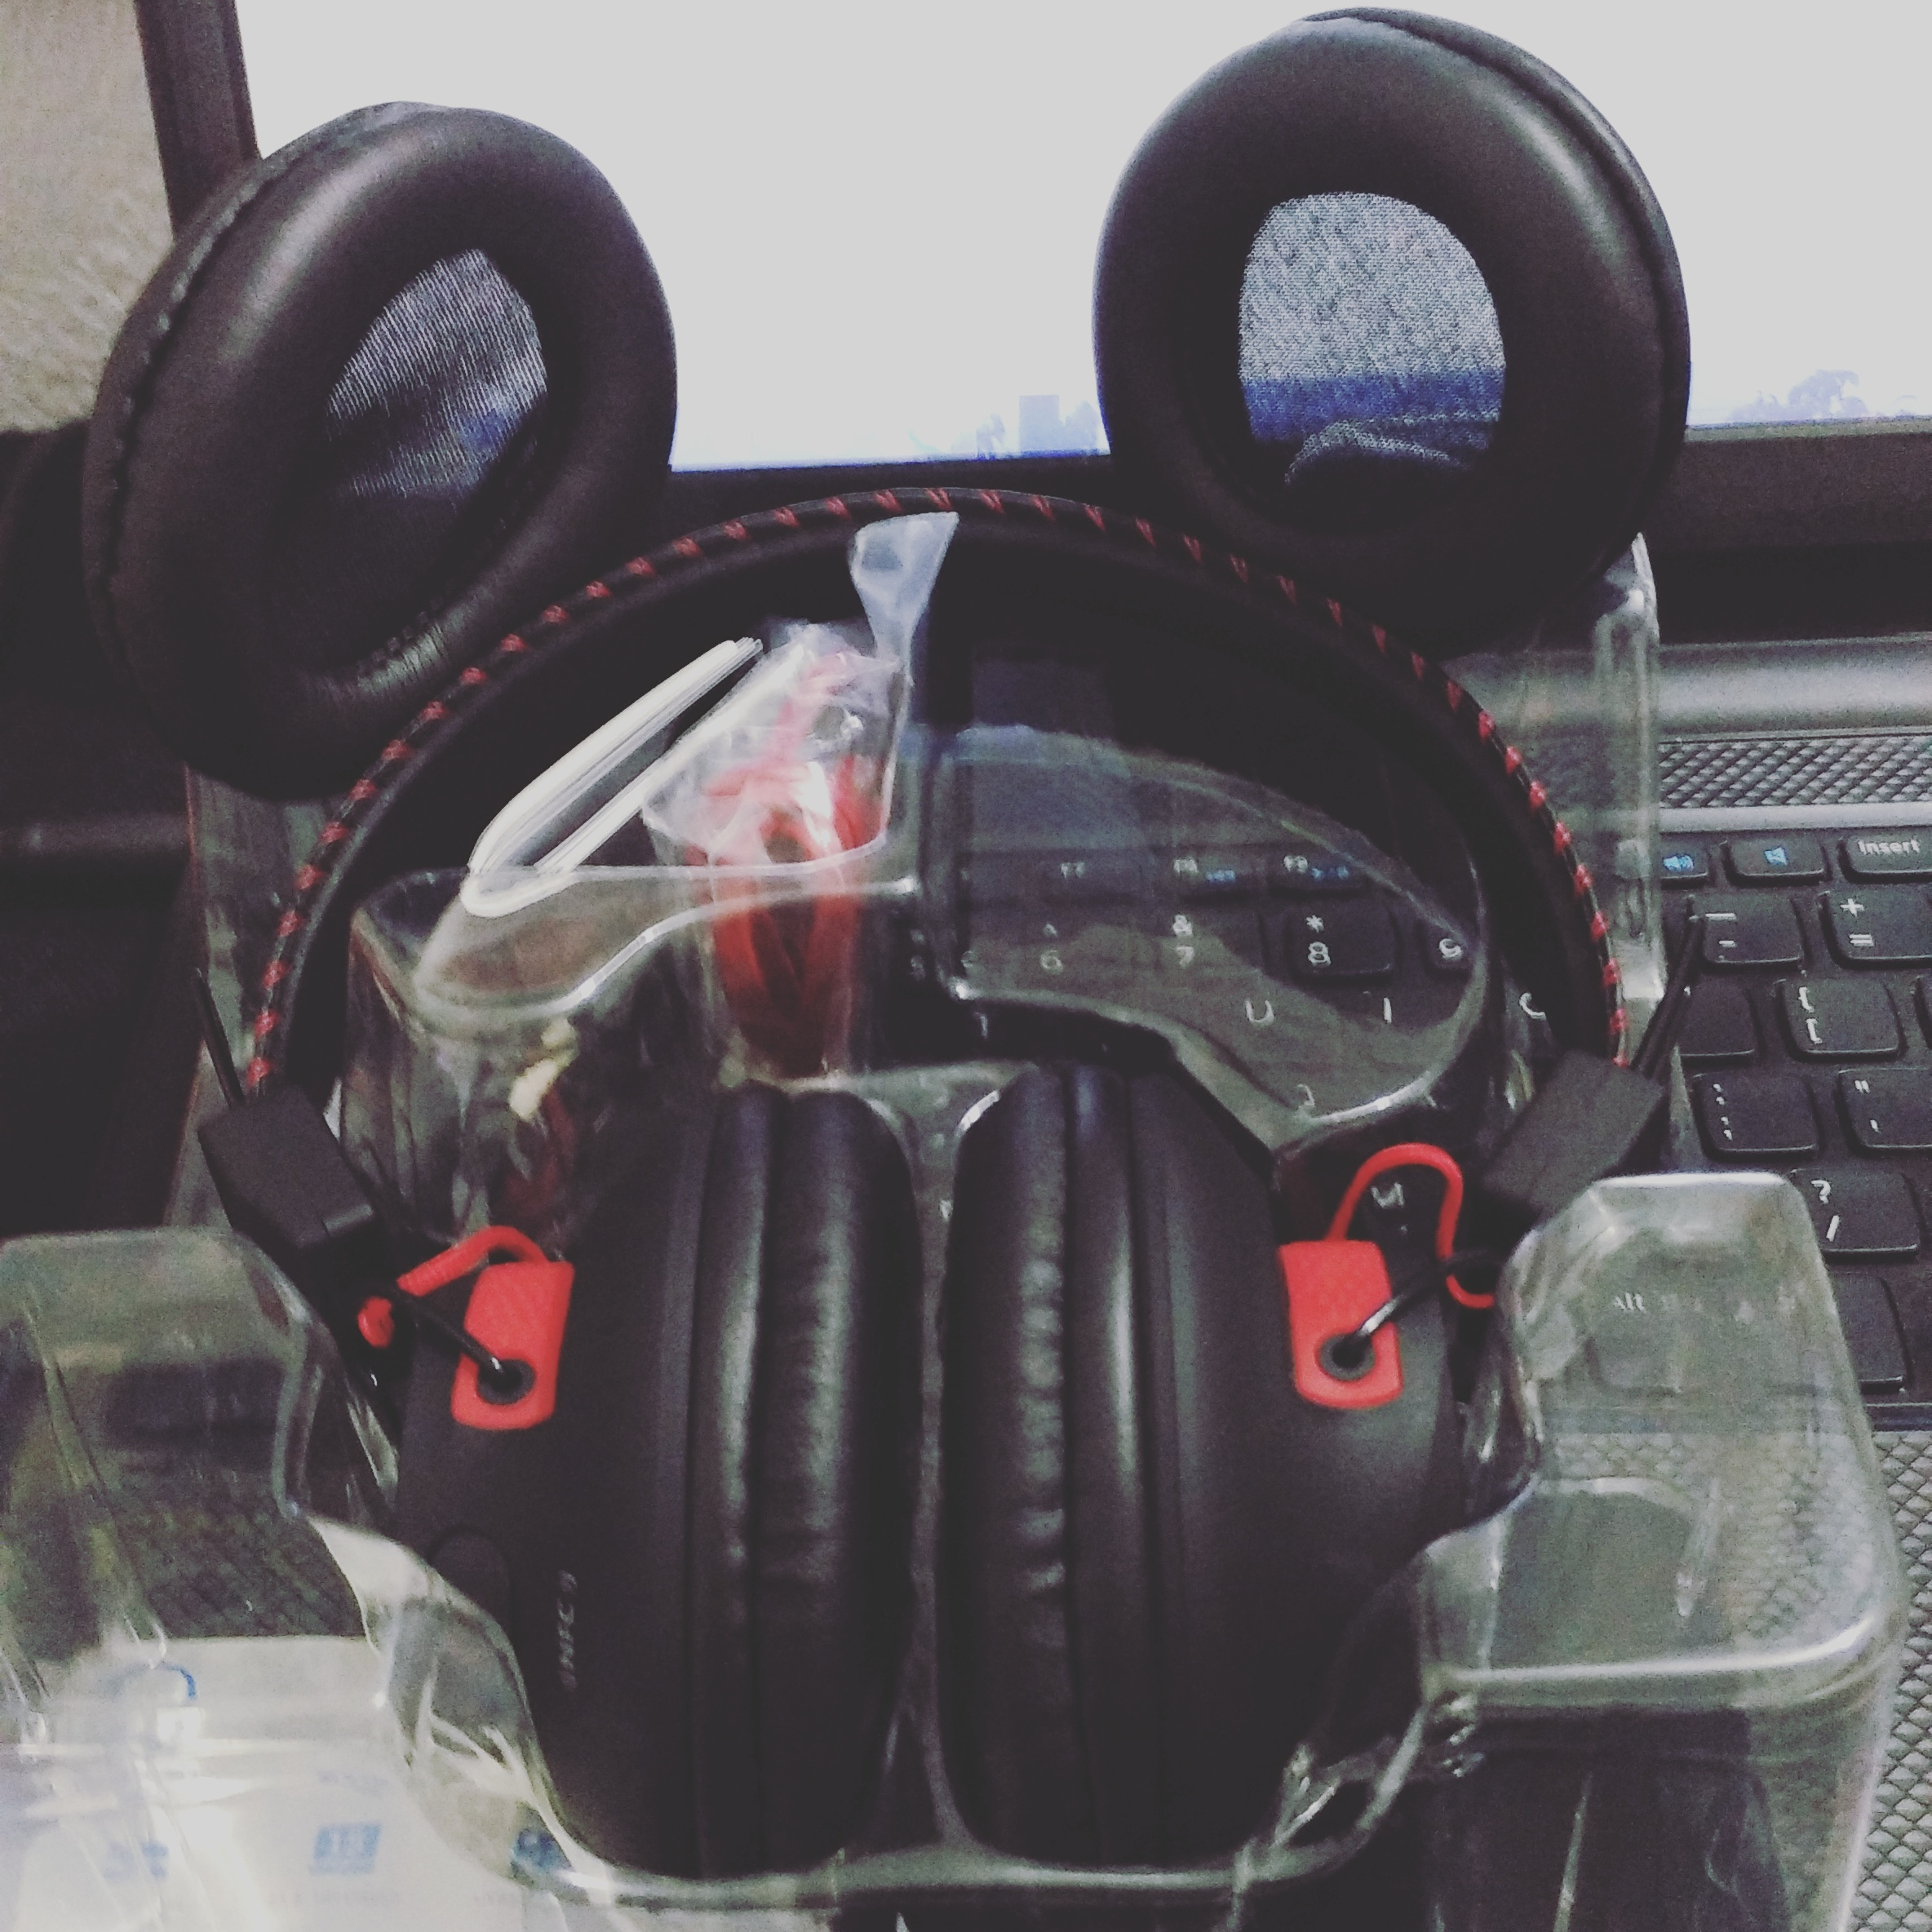 Avantree Audition Headphones